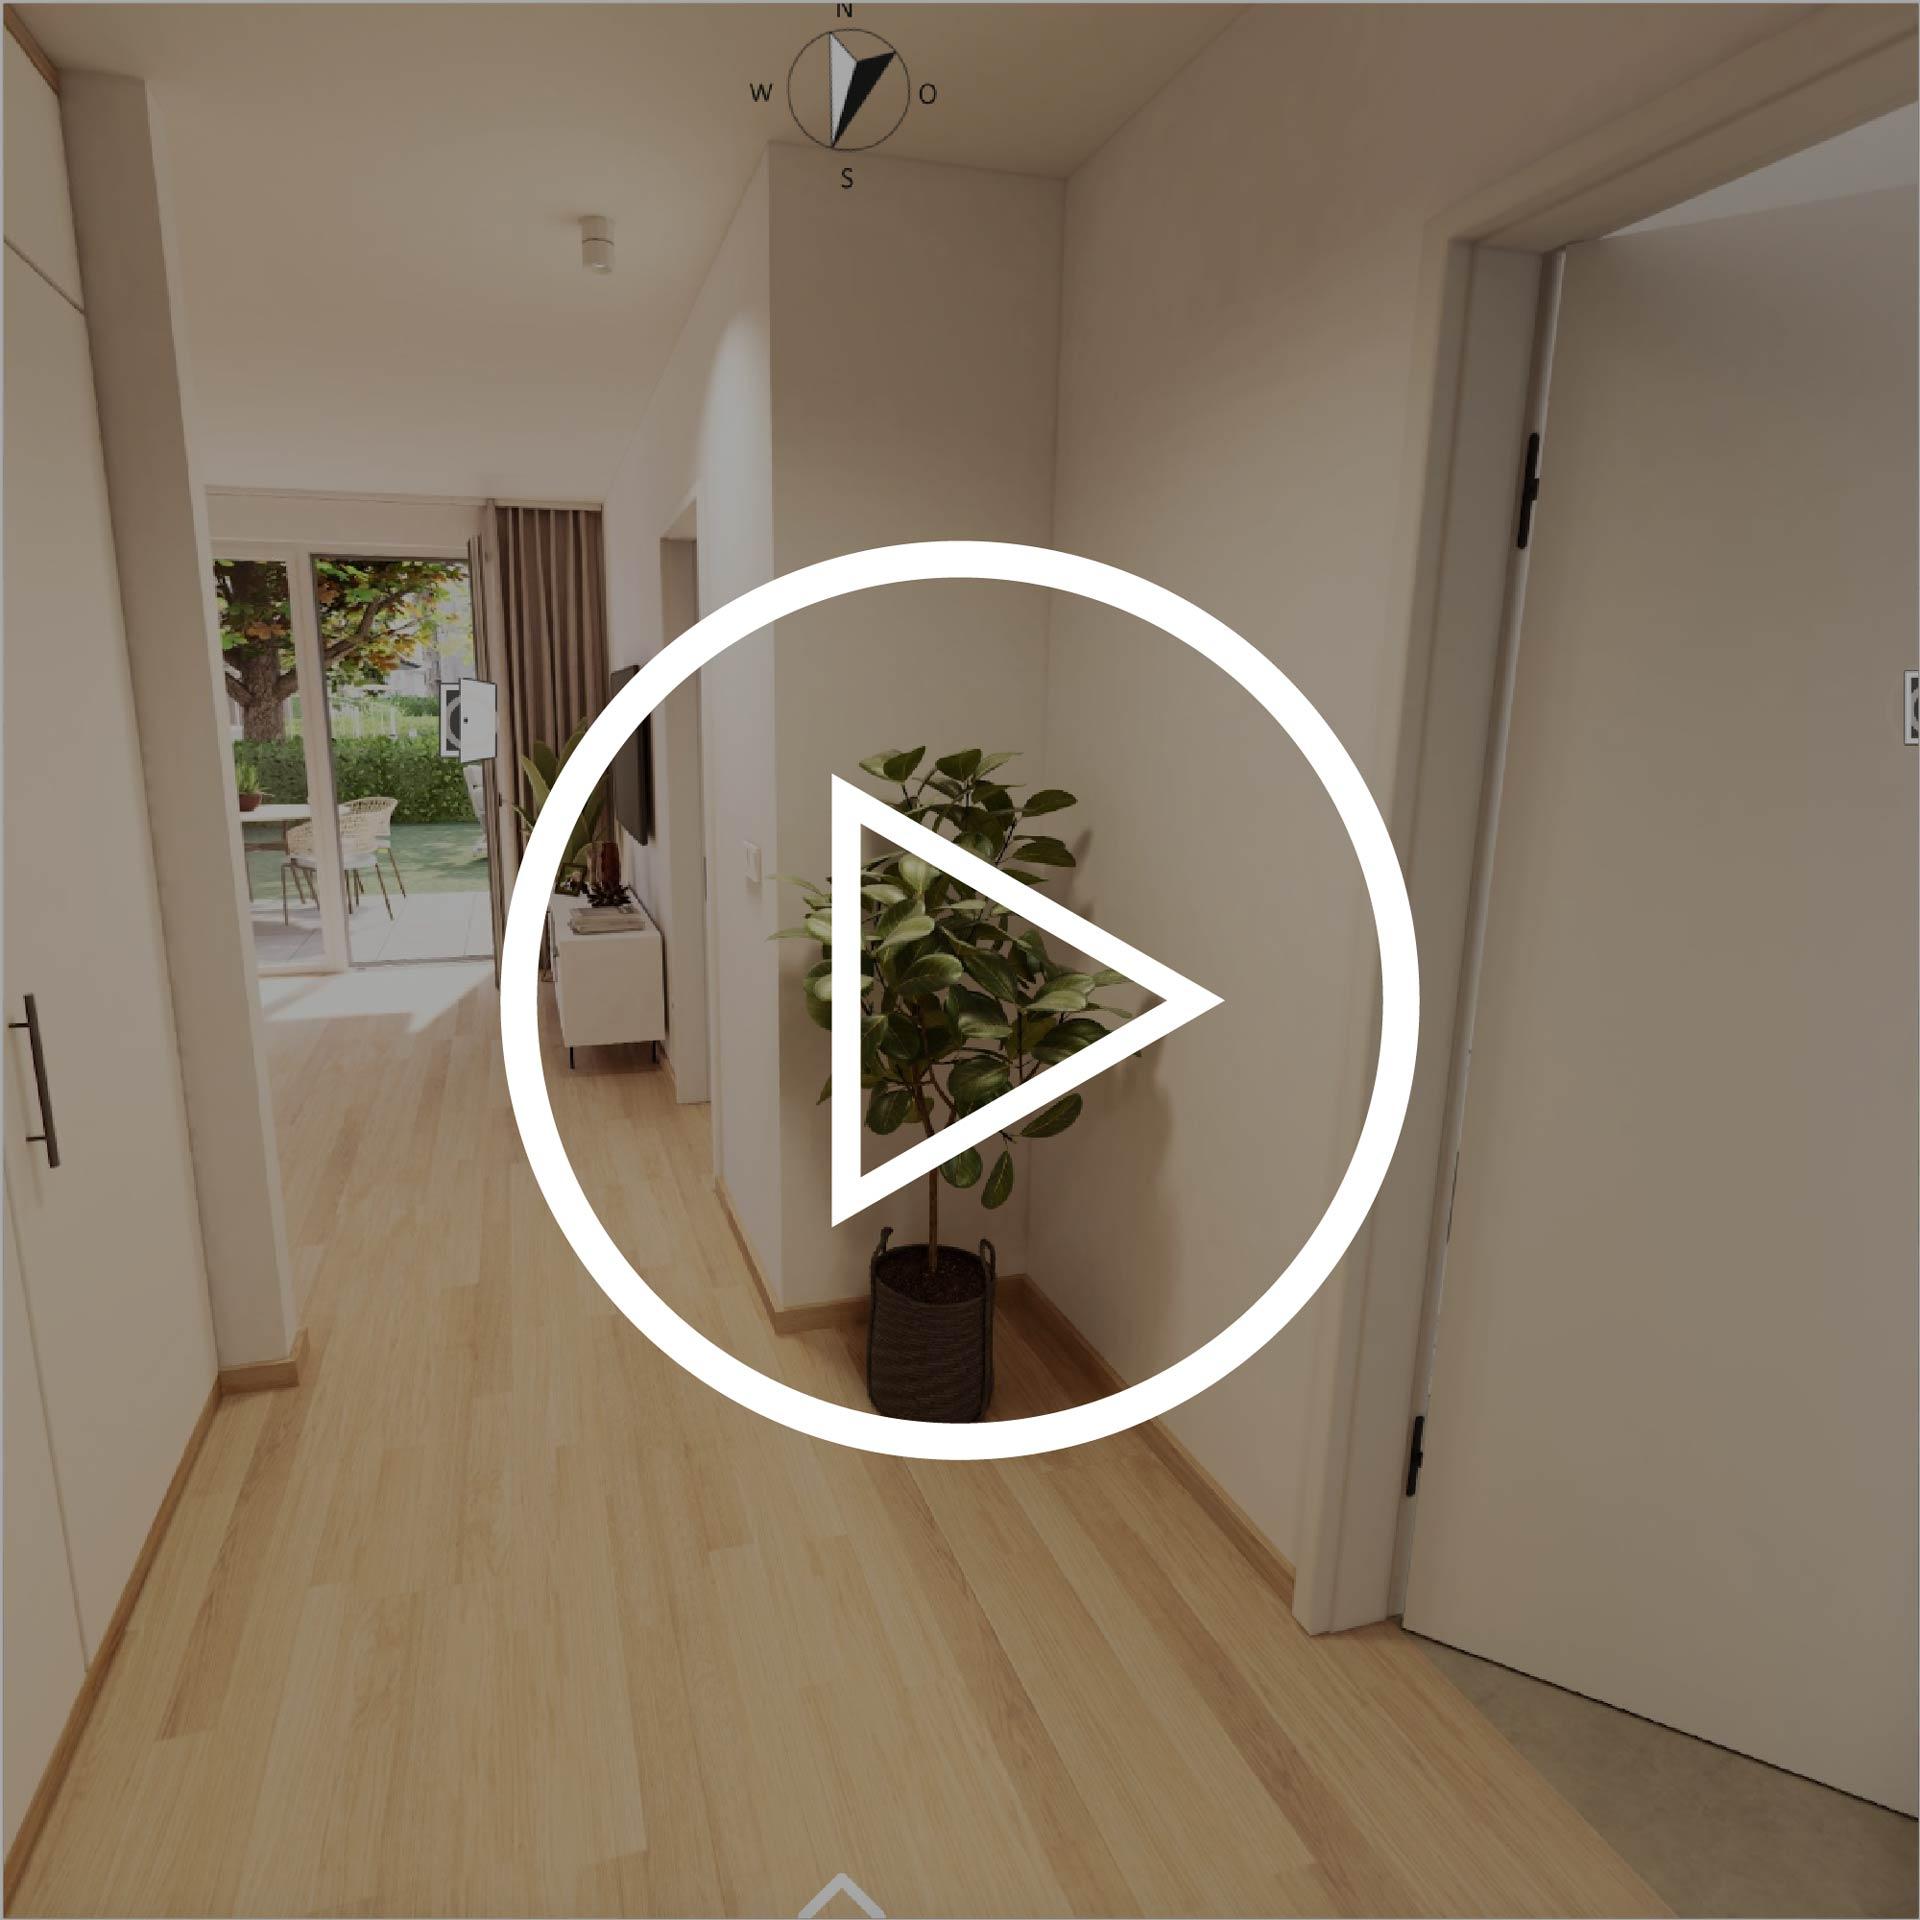 Wohnung Typ 54 Projekt Villach mit Playbutton zur Weiterleitung 3D Rundgang